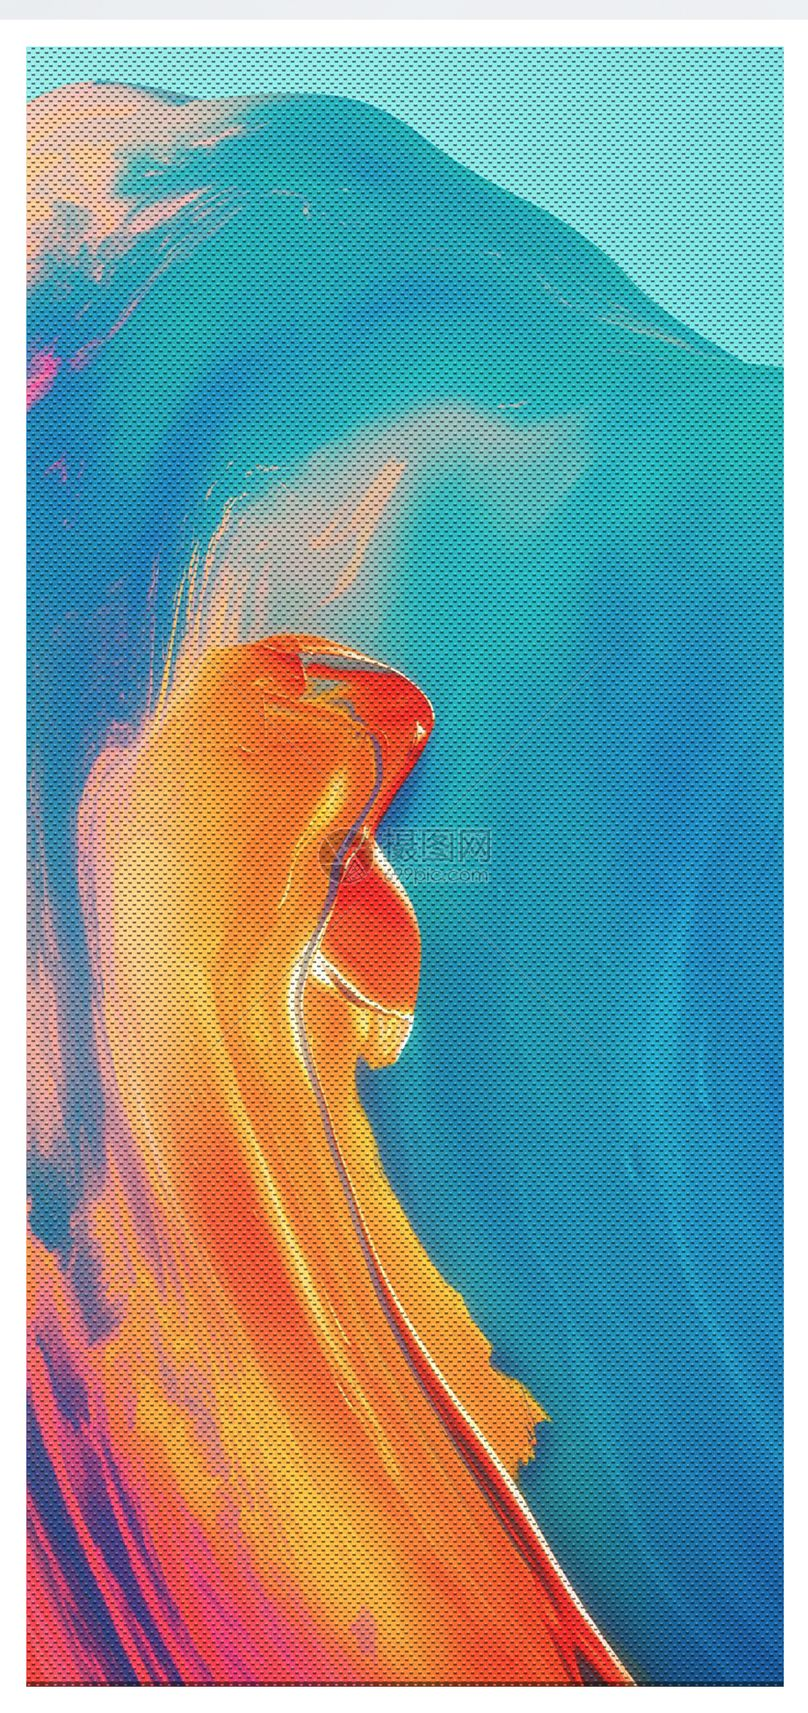 抽象油画背景手机壁纸图片